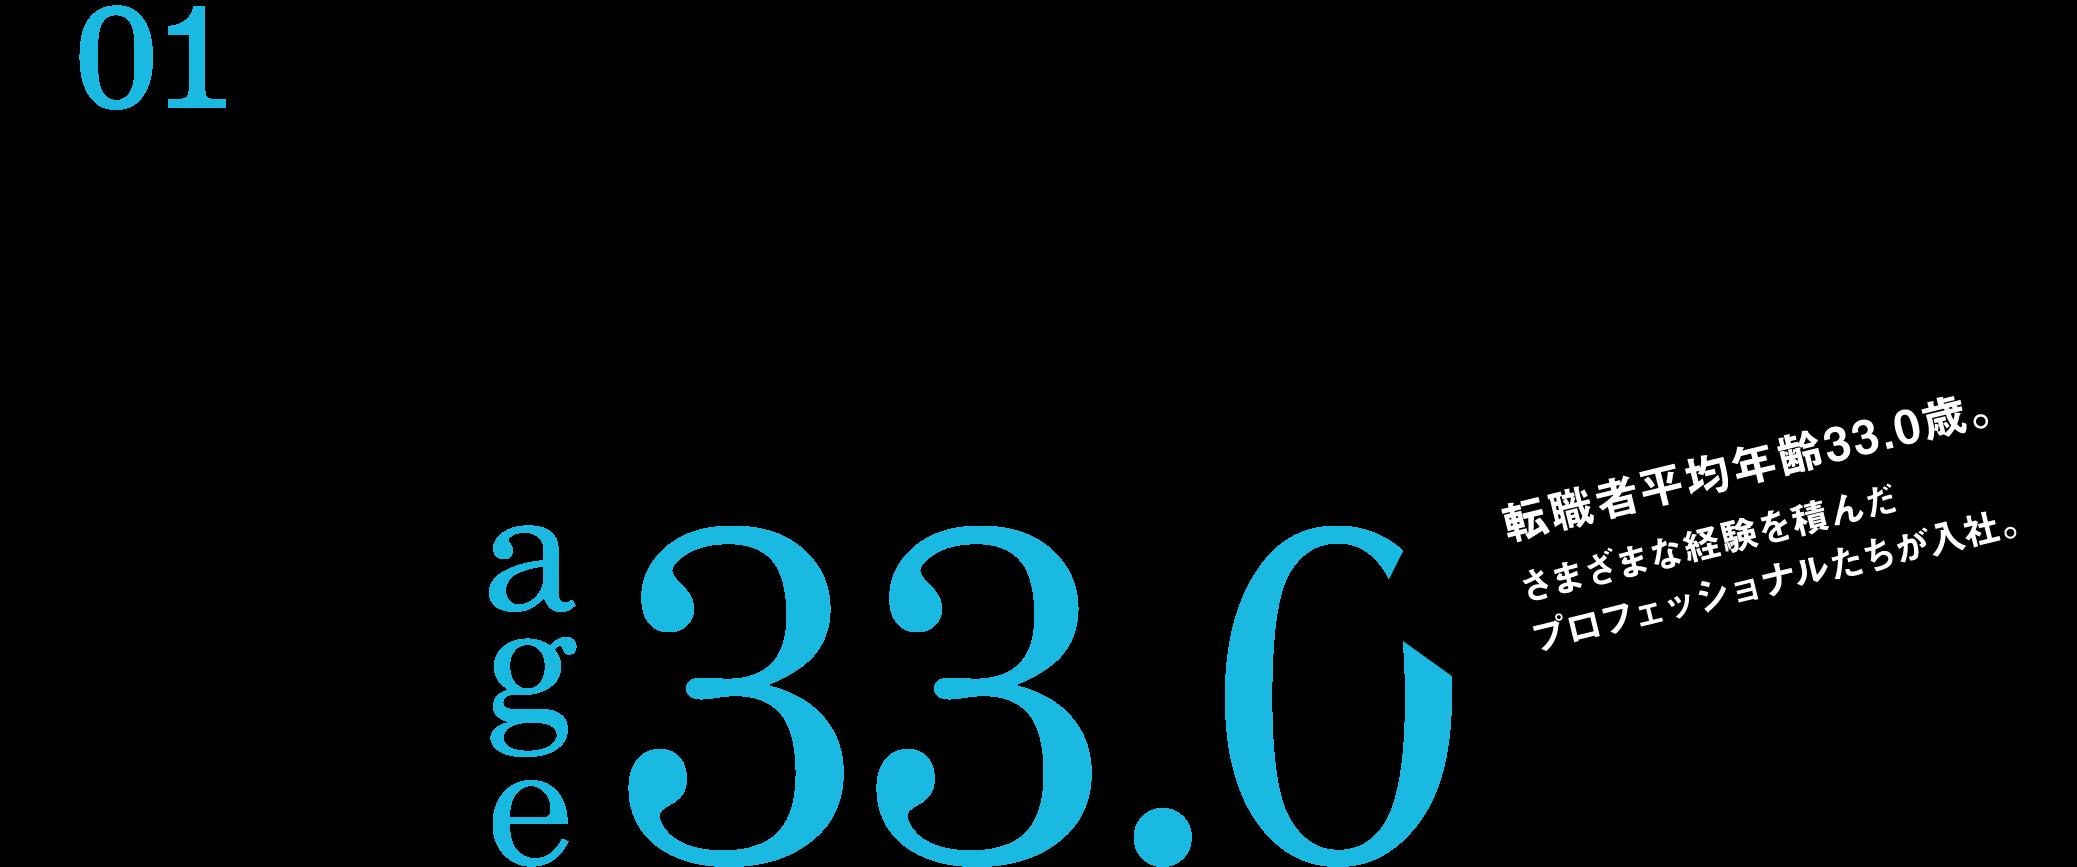 これからのKDDIを引っ張るのは、これからの人たちです。転職者平均年齢33.0歳。さまざまな経験を積んだプロフェッショナルたちが入社。